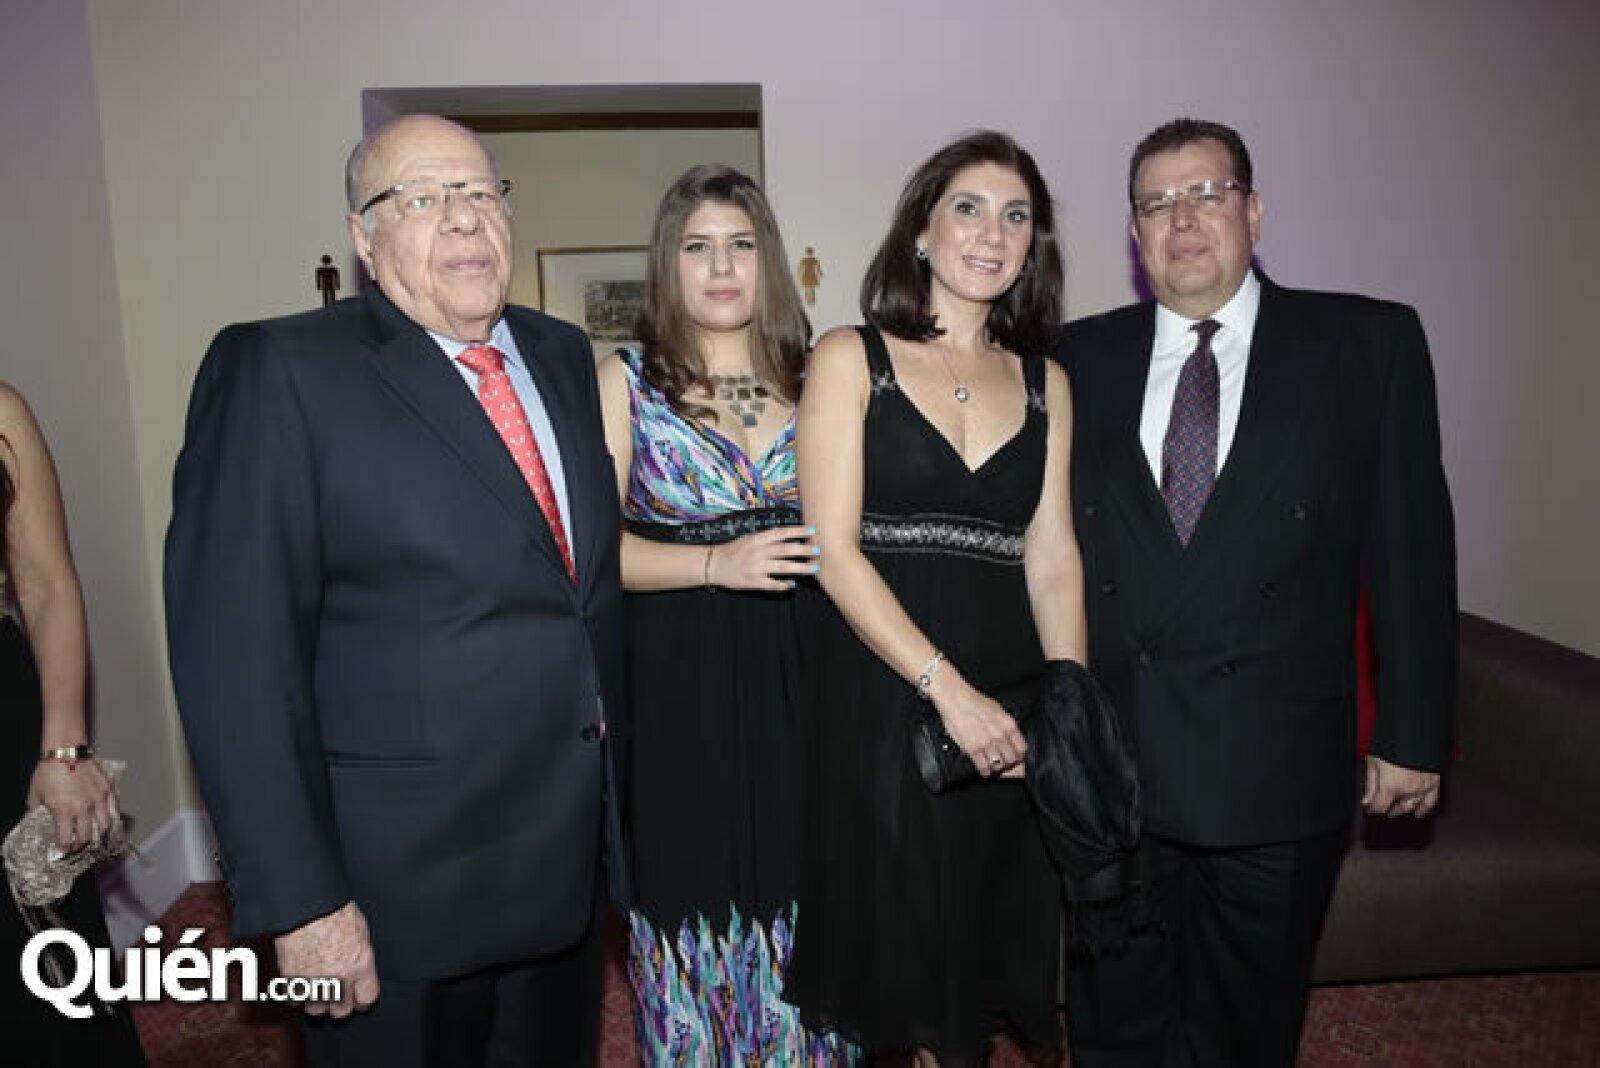 Pablo Suinaga Lanz Duret,Laura Suinaga Duret,Laura Sada,José Suinaga